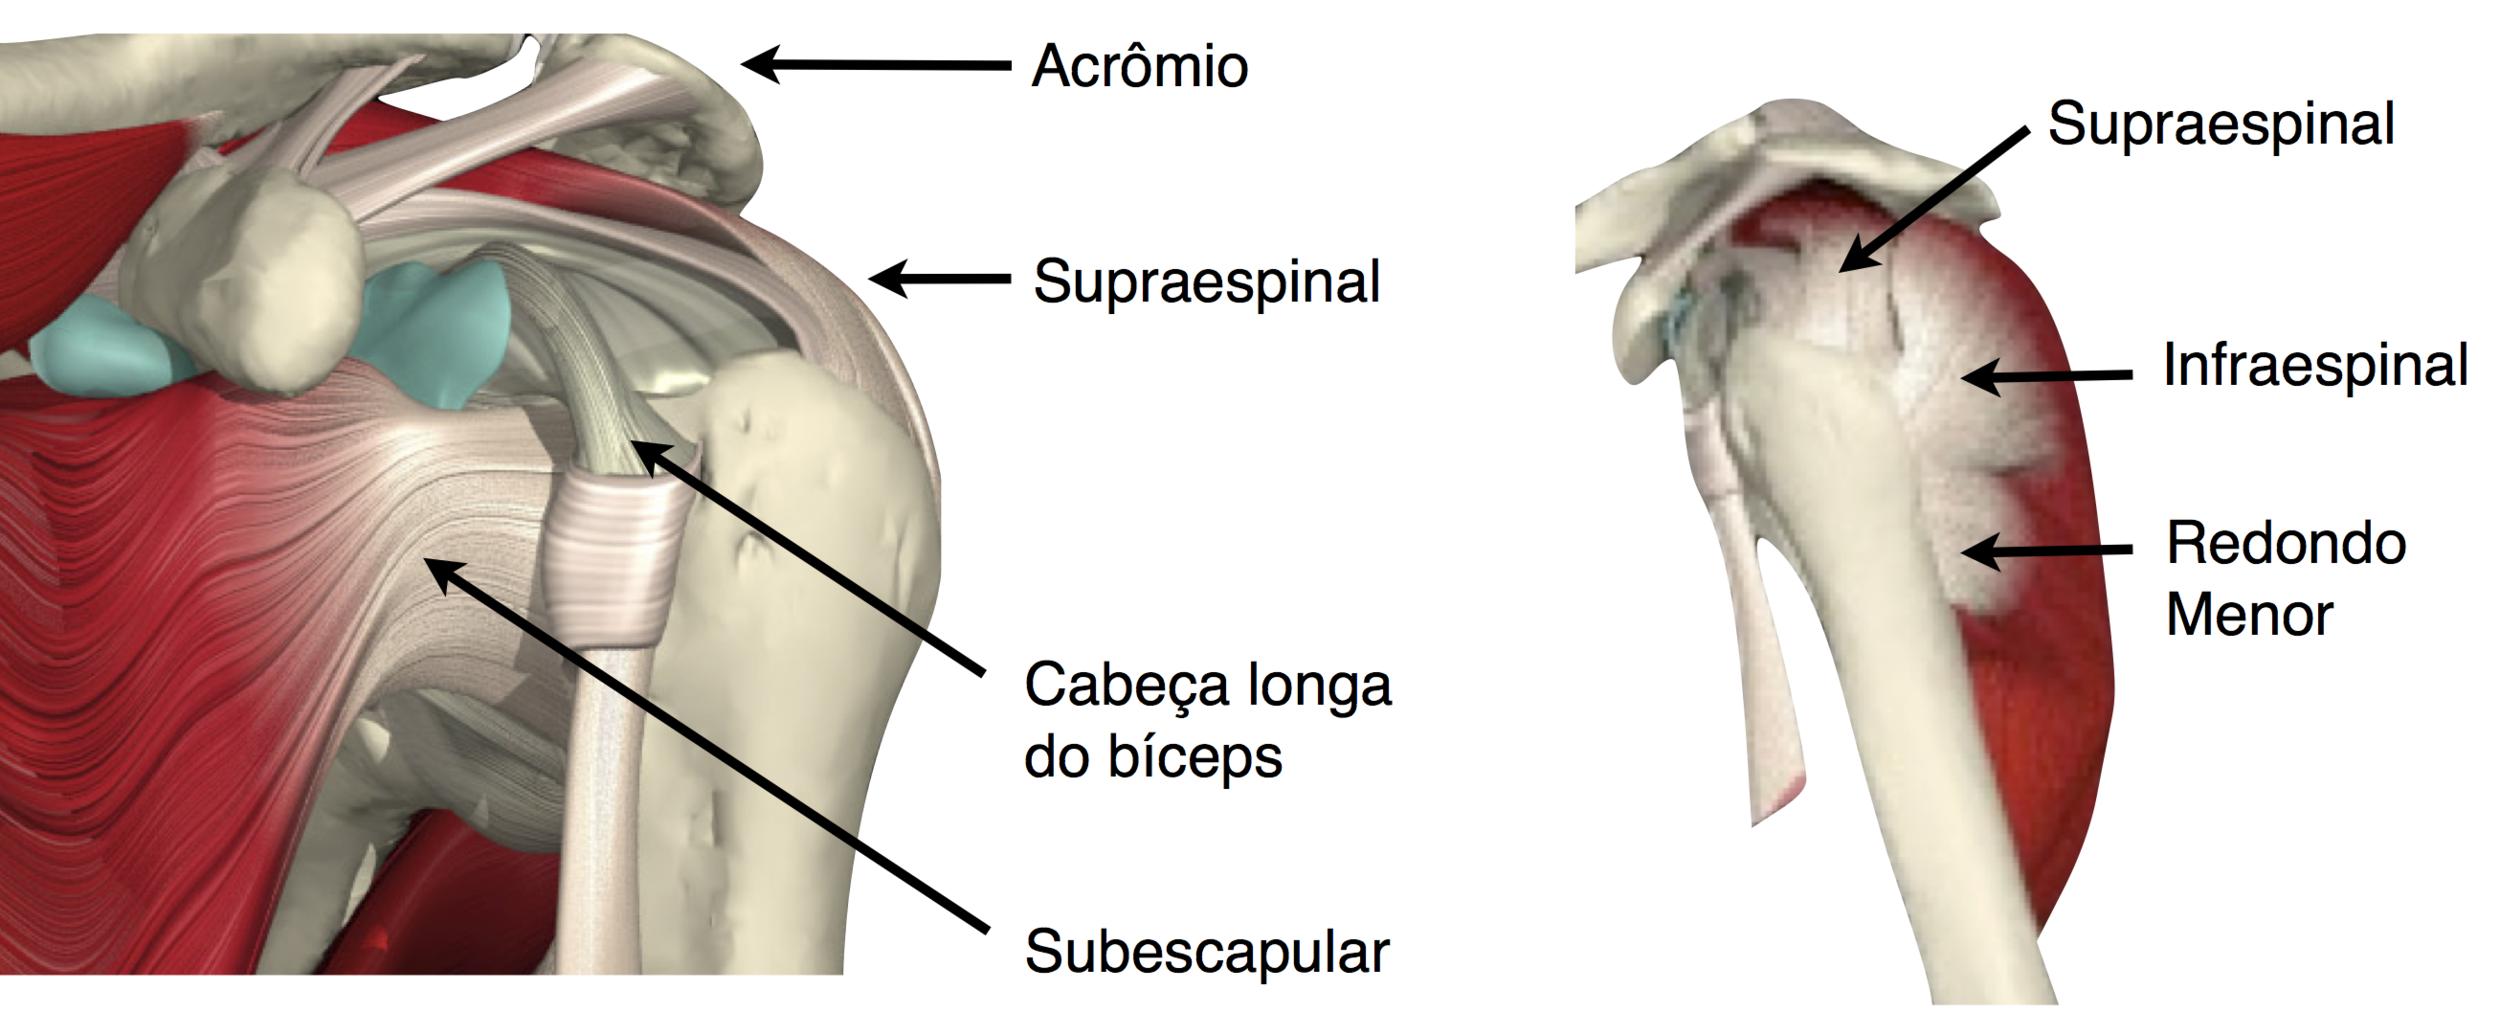 Asombroso Glúteo Bursa Anatomía Regalo - Anatomía de Las Imágenesdel ...